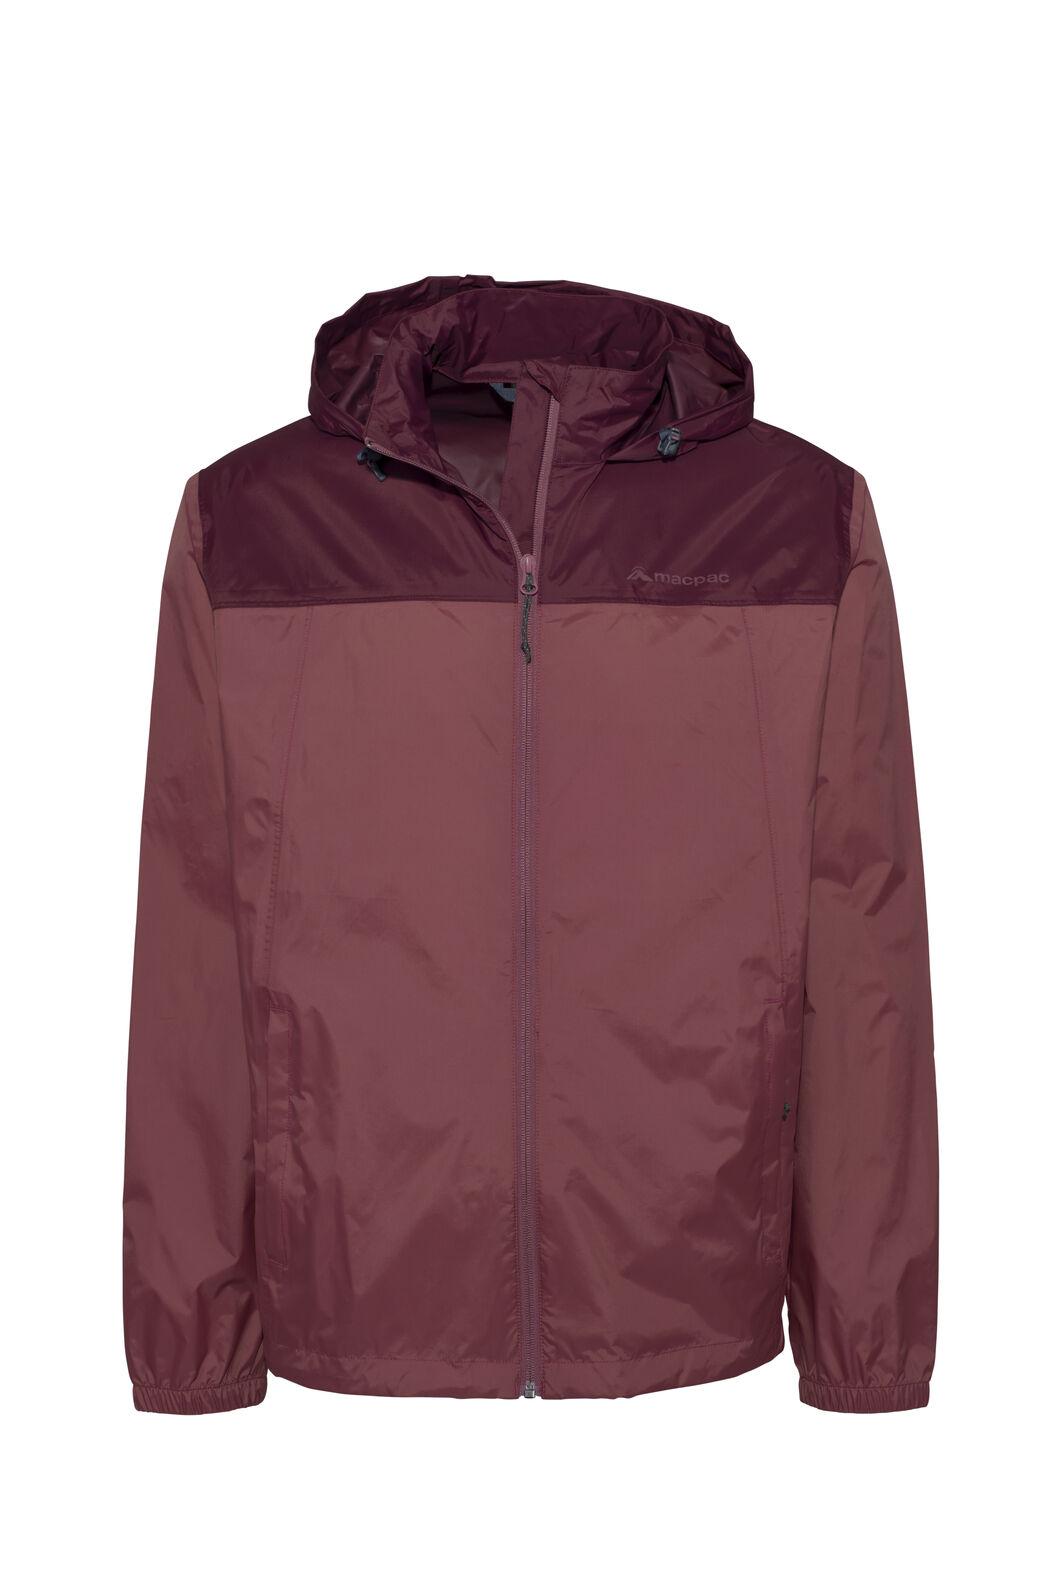 Macpac Pack-It-Jacket — Unisex, Vineyard Wine/Rose Brown, hi-res